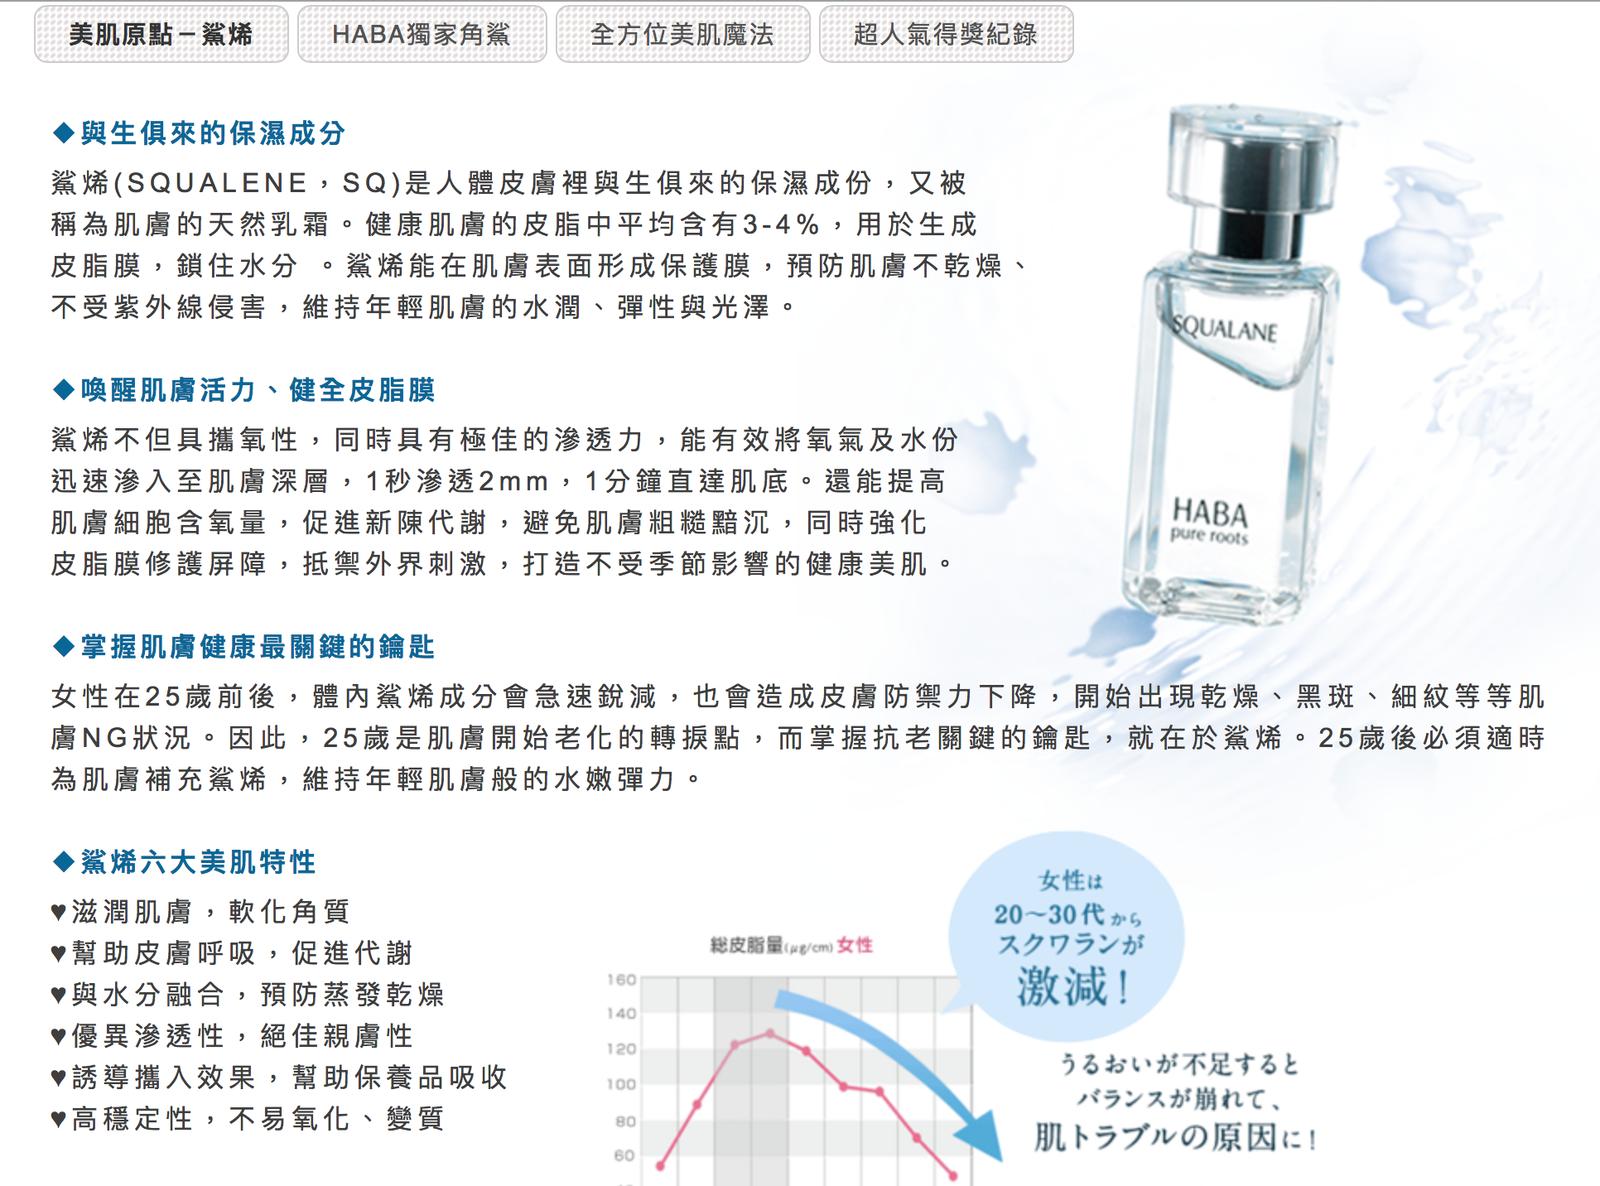 角鯊烯(Squalene)的功效,台灣 HABA 官網資訊截圖